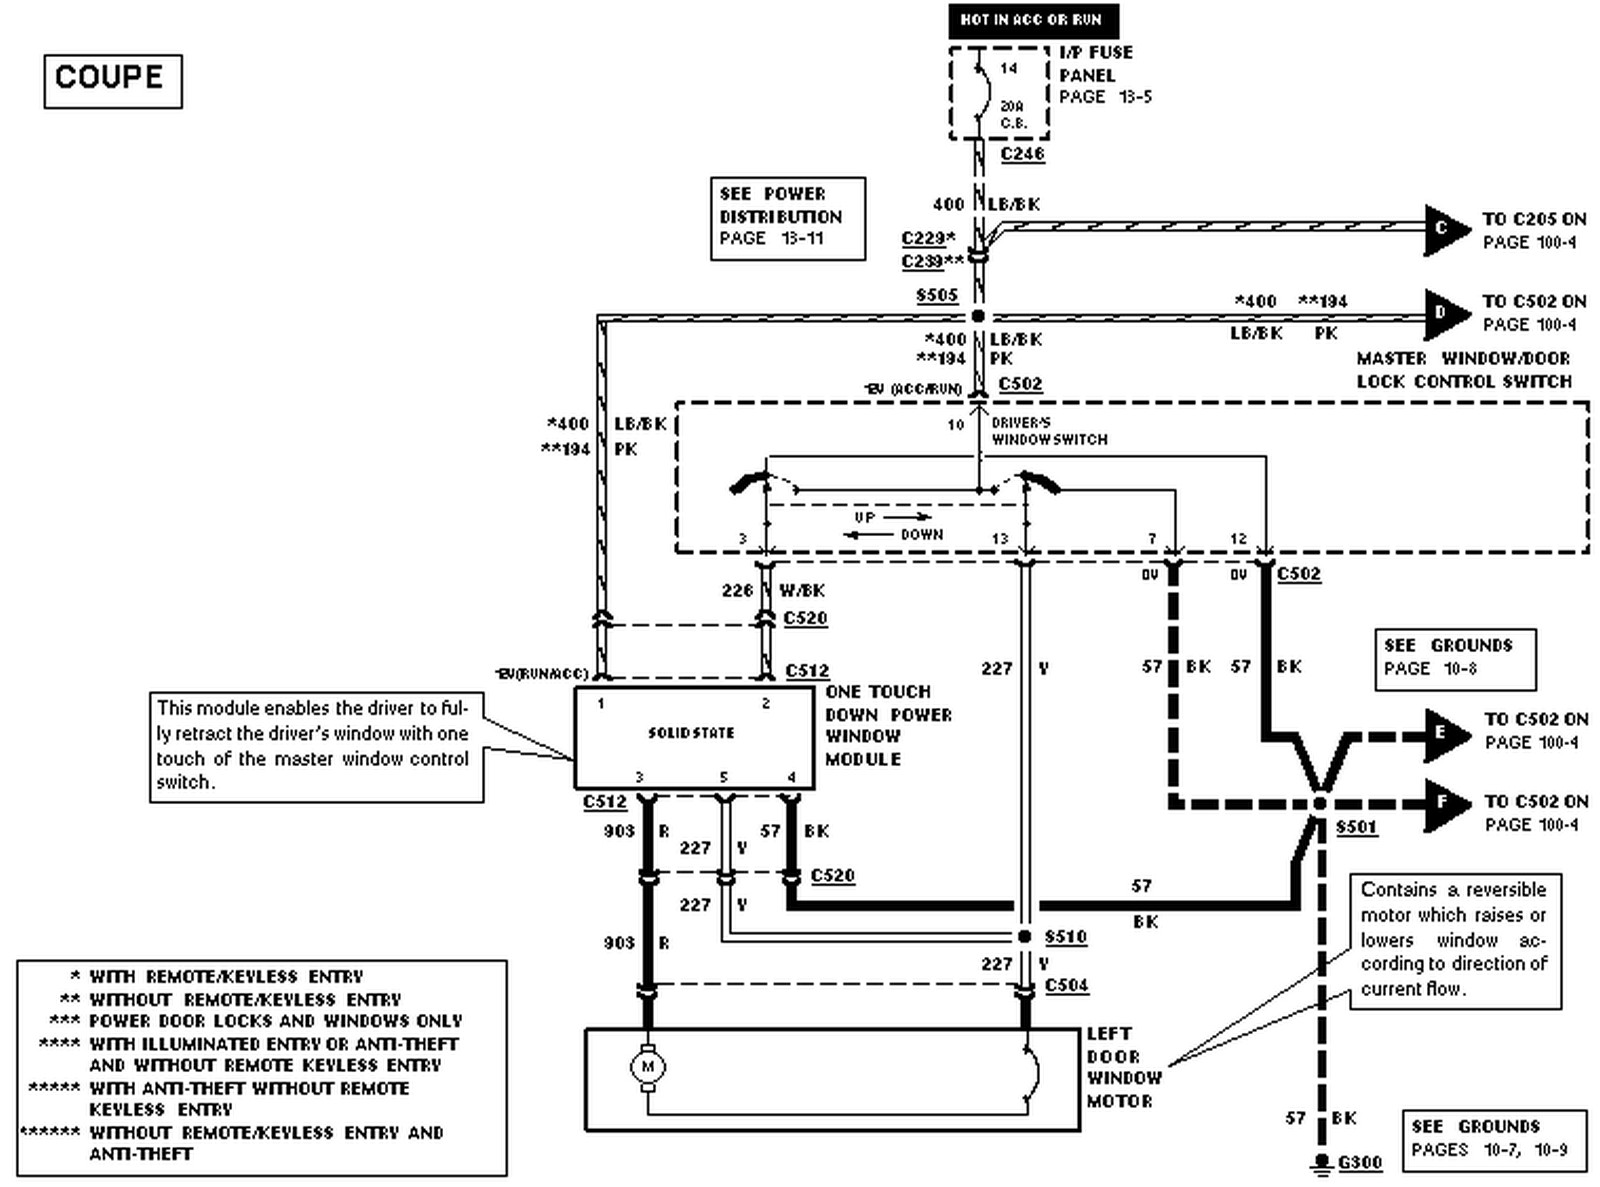 1995 mustang wiring diagram do 1544  mustang wiring diagram ford mustang eec iv pinout 2002  mustang wiring diagram ford mustang eec